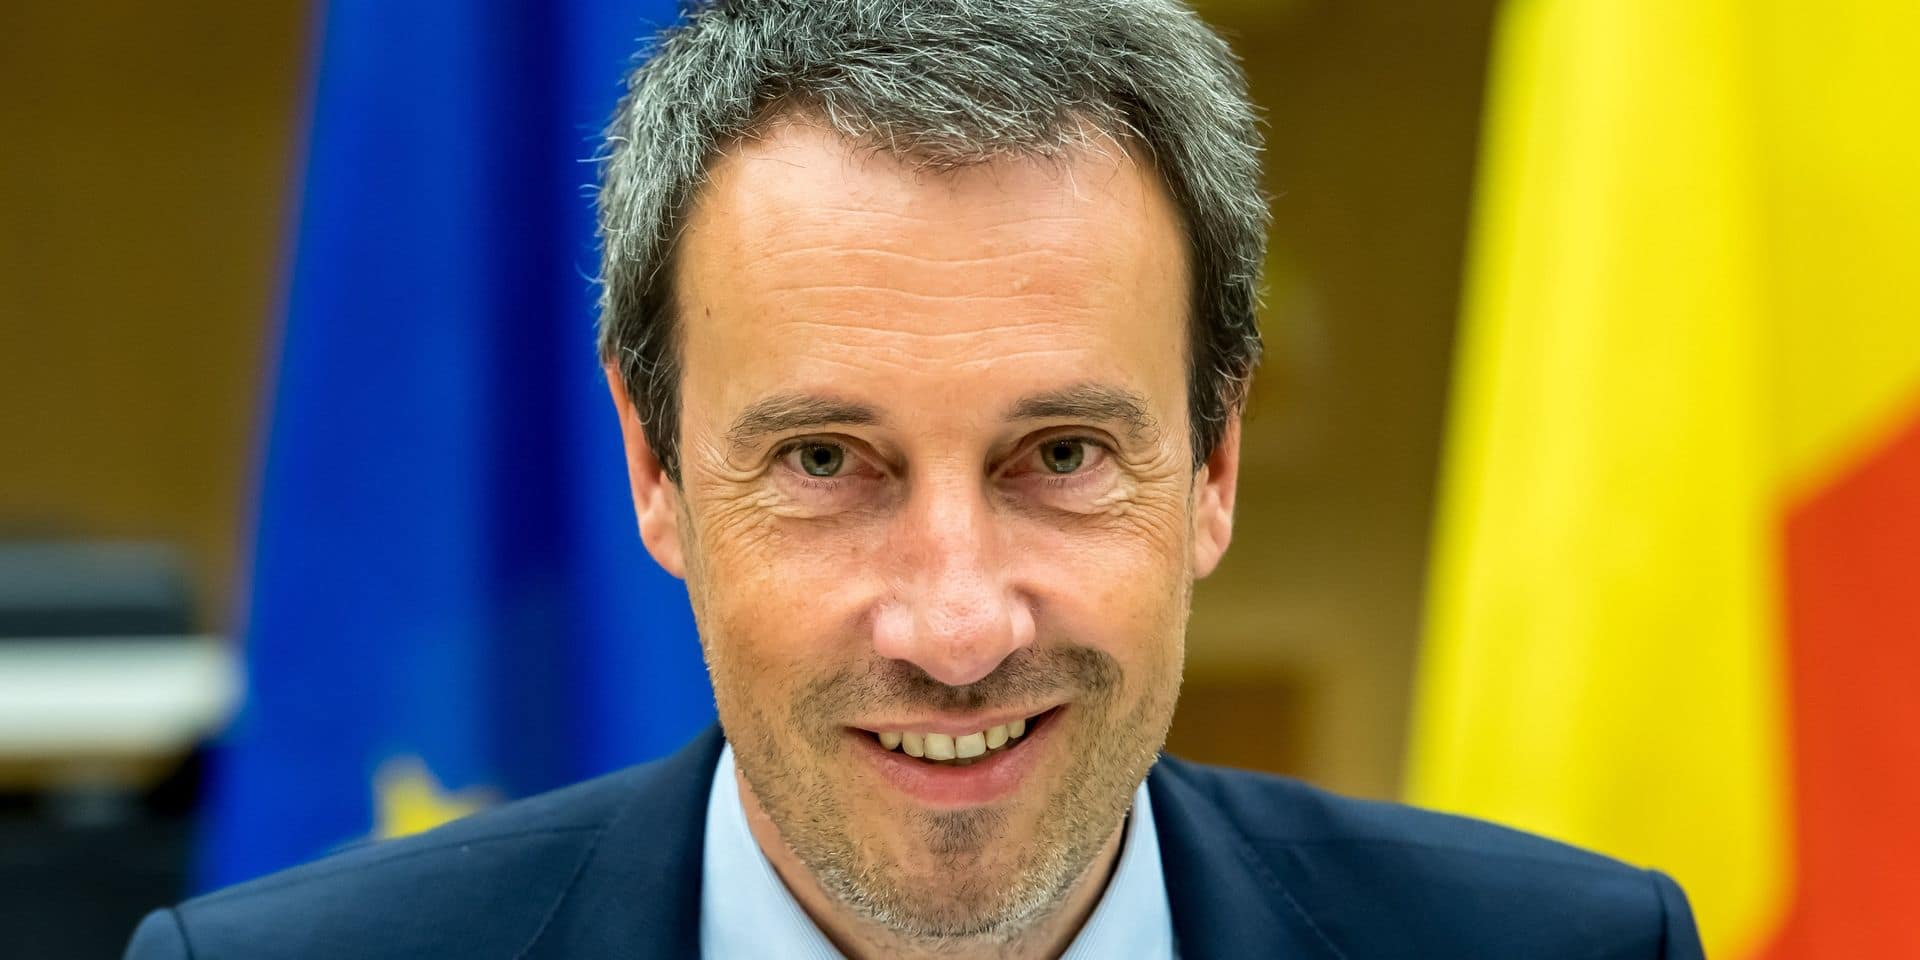 Vingt-six pays ont rouvert leurs frontières aux touristes belges, annonce Philippe Goffin